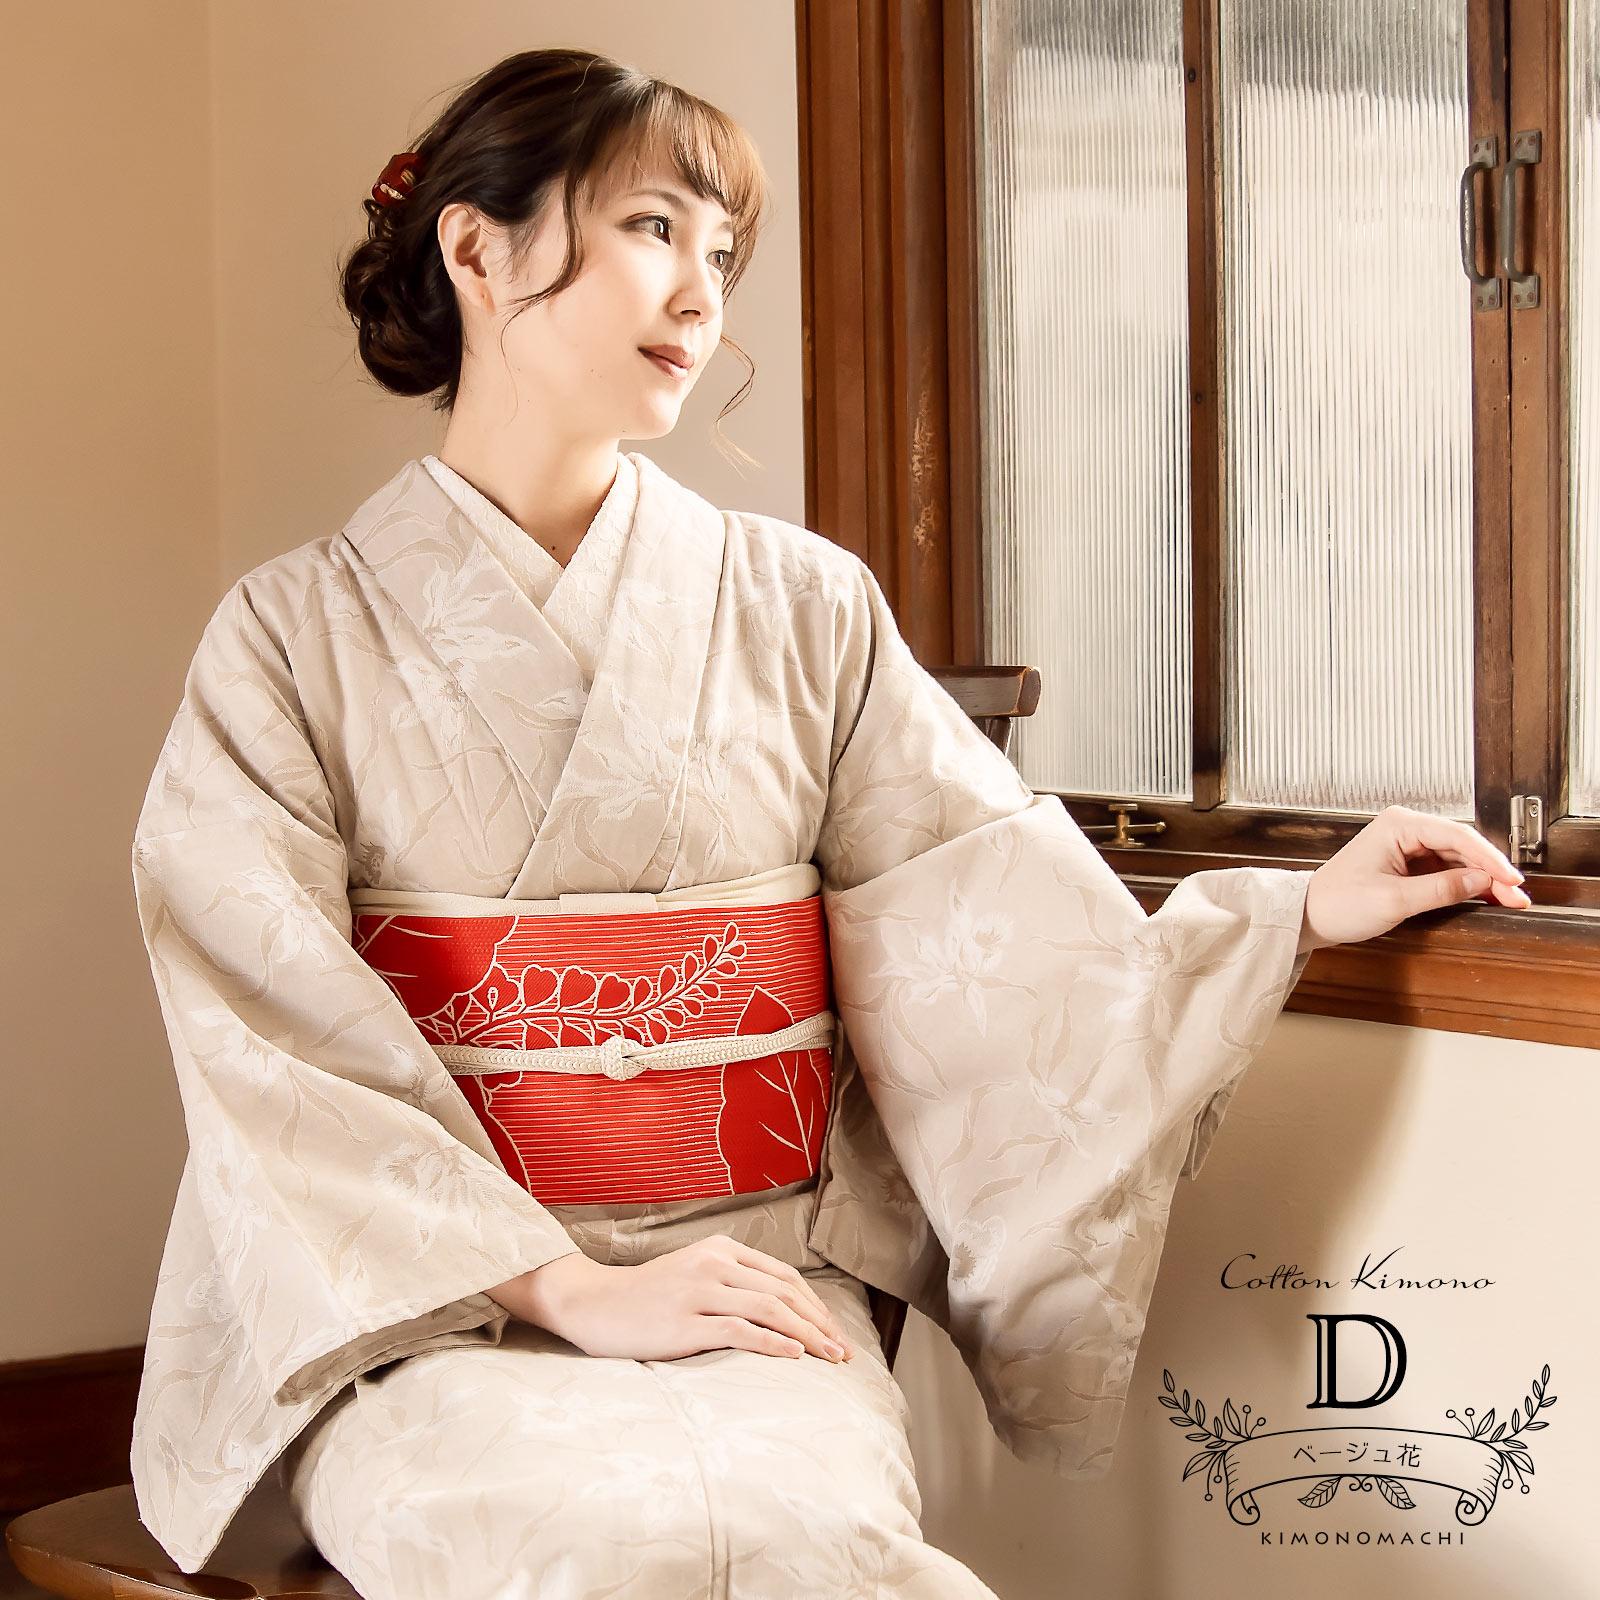 KIMONOMACHI オリジナル 洗える着物 木綿着物単品 08ベージュ花